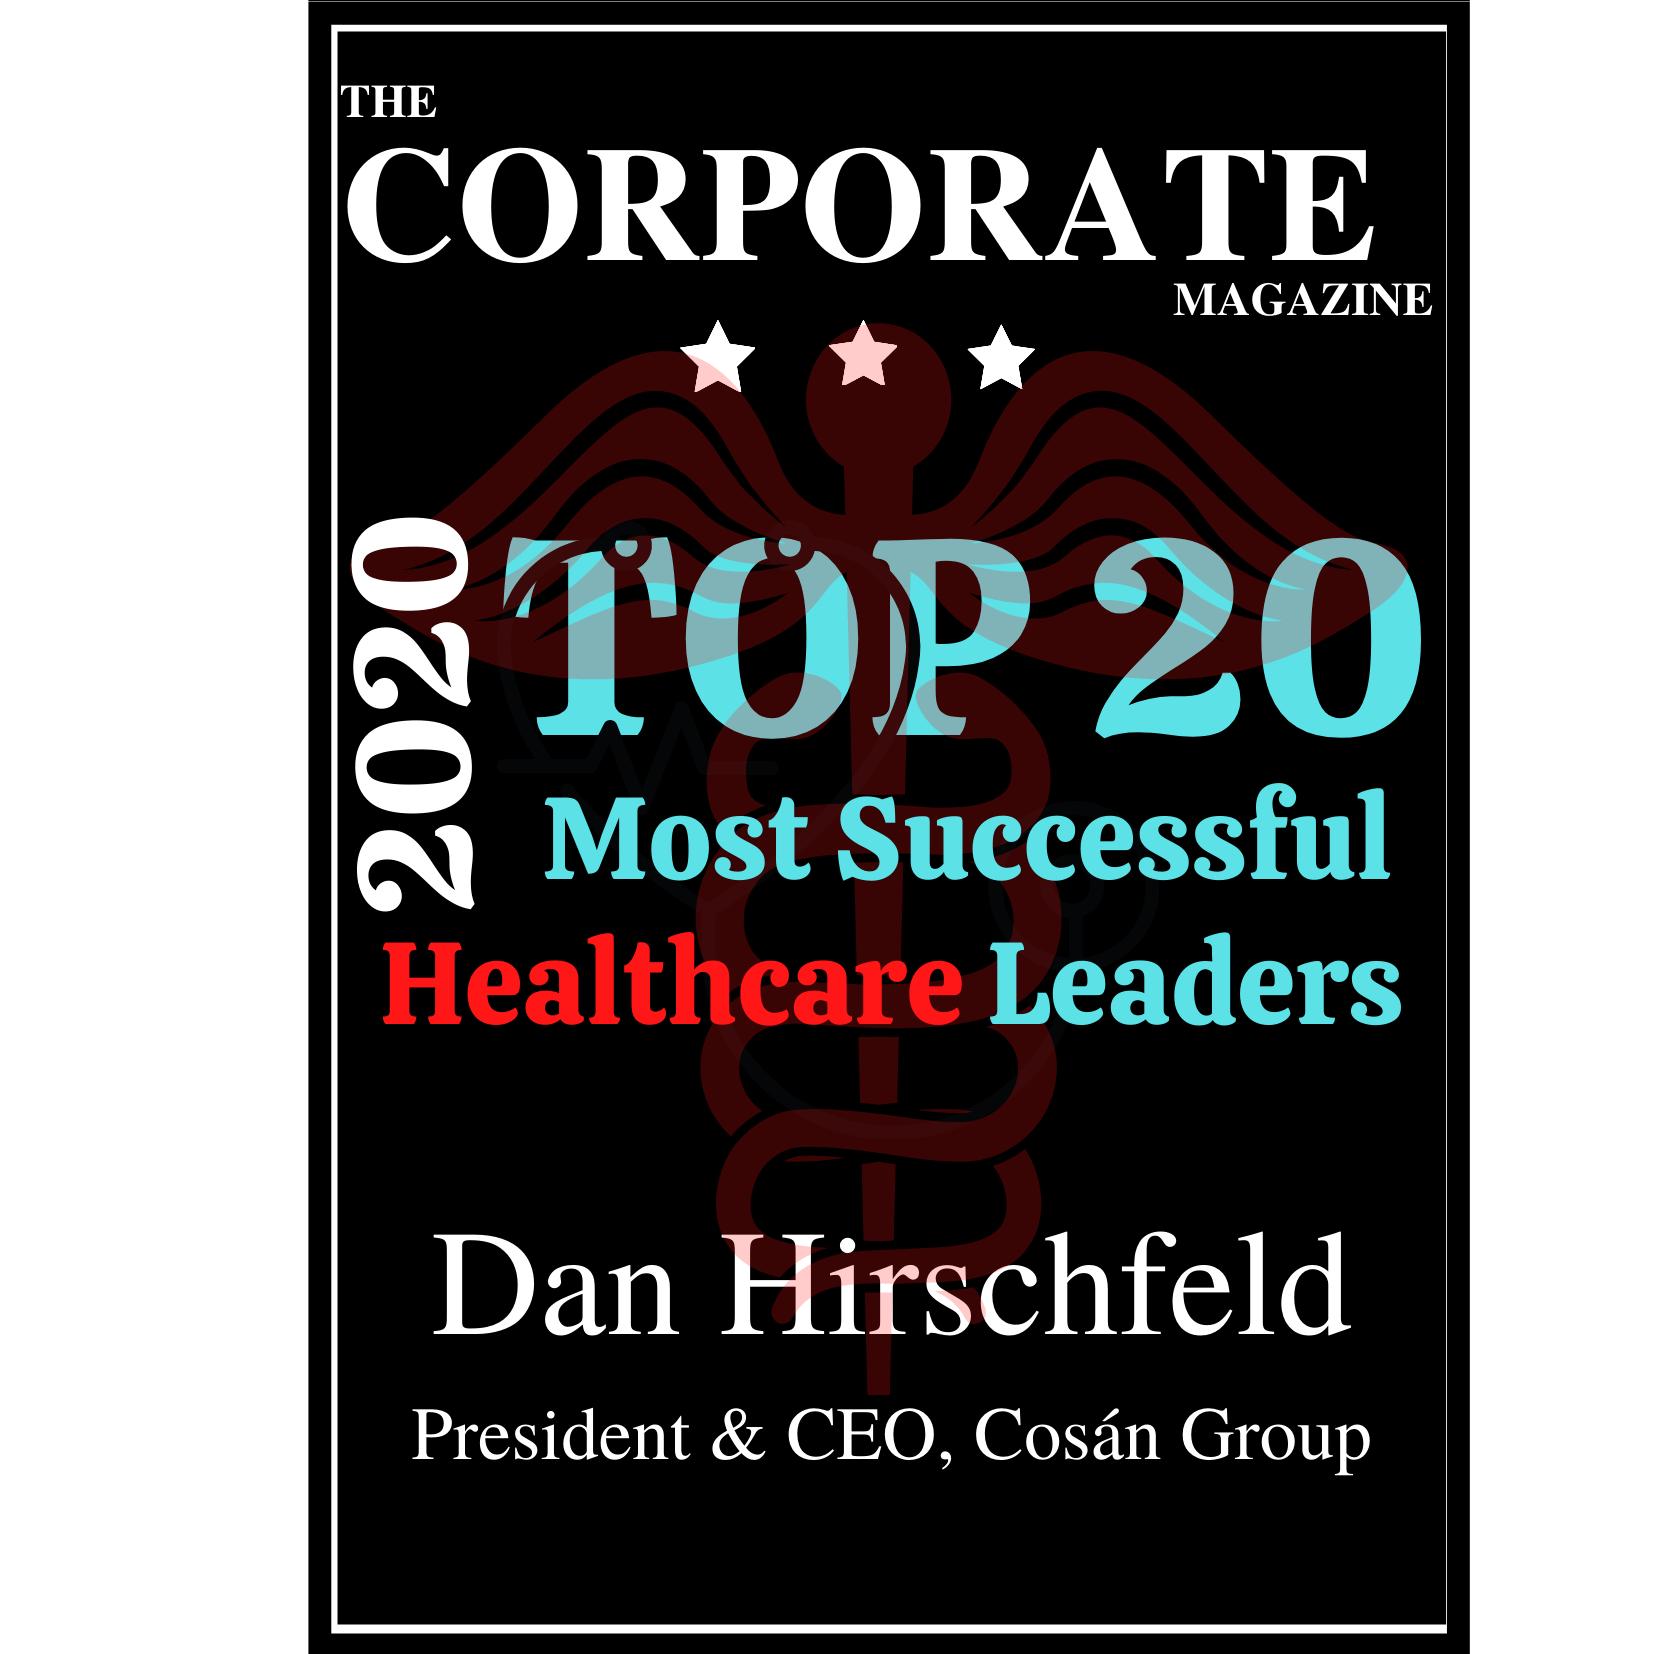 Dan Hirschfeld Best Healthcare leader